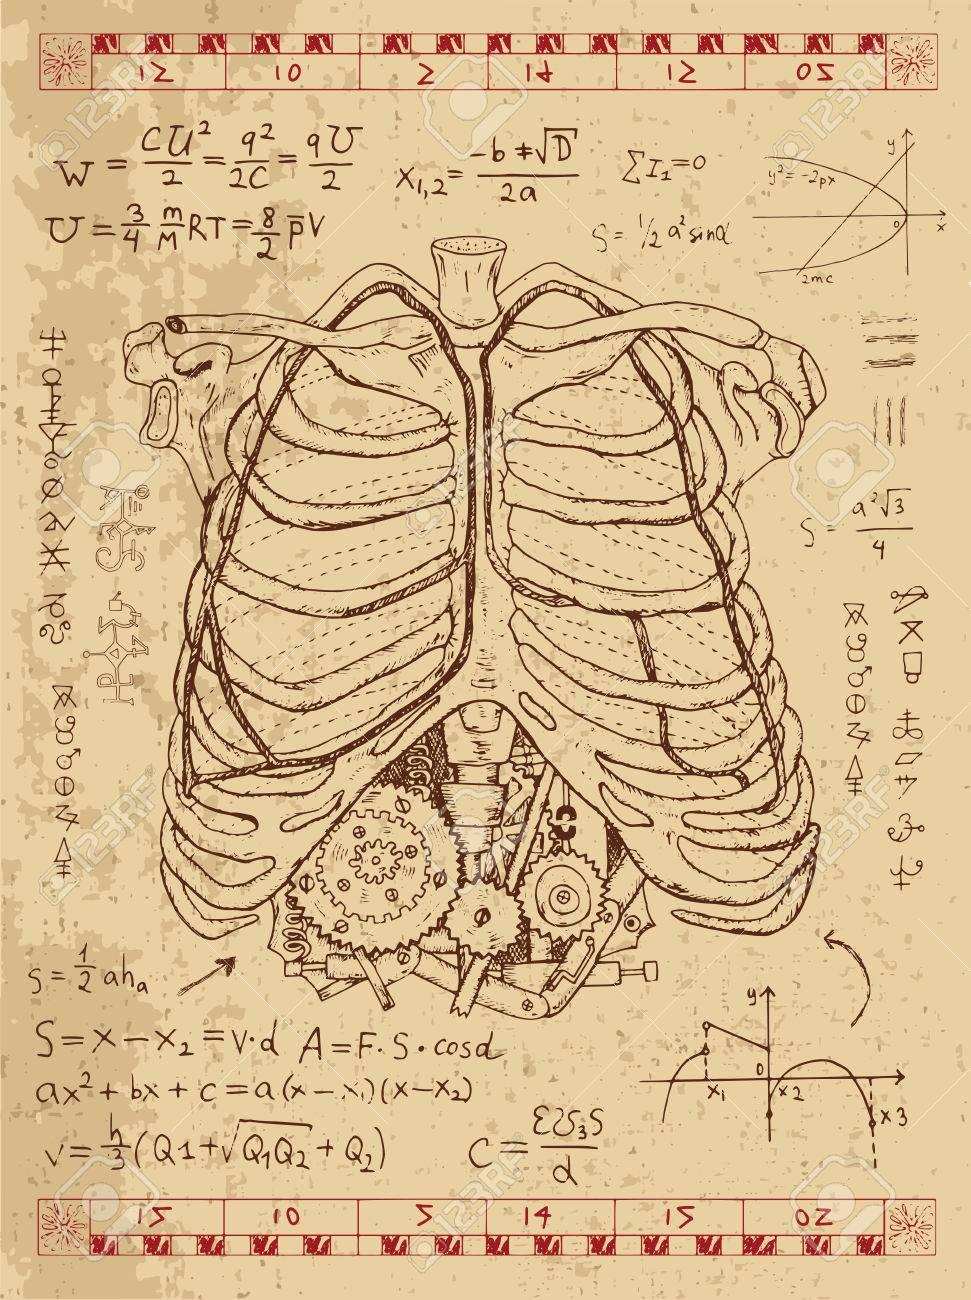 Gráfico Fijado Con El Pecho De La Anatomía Humana, Fórmulas ...